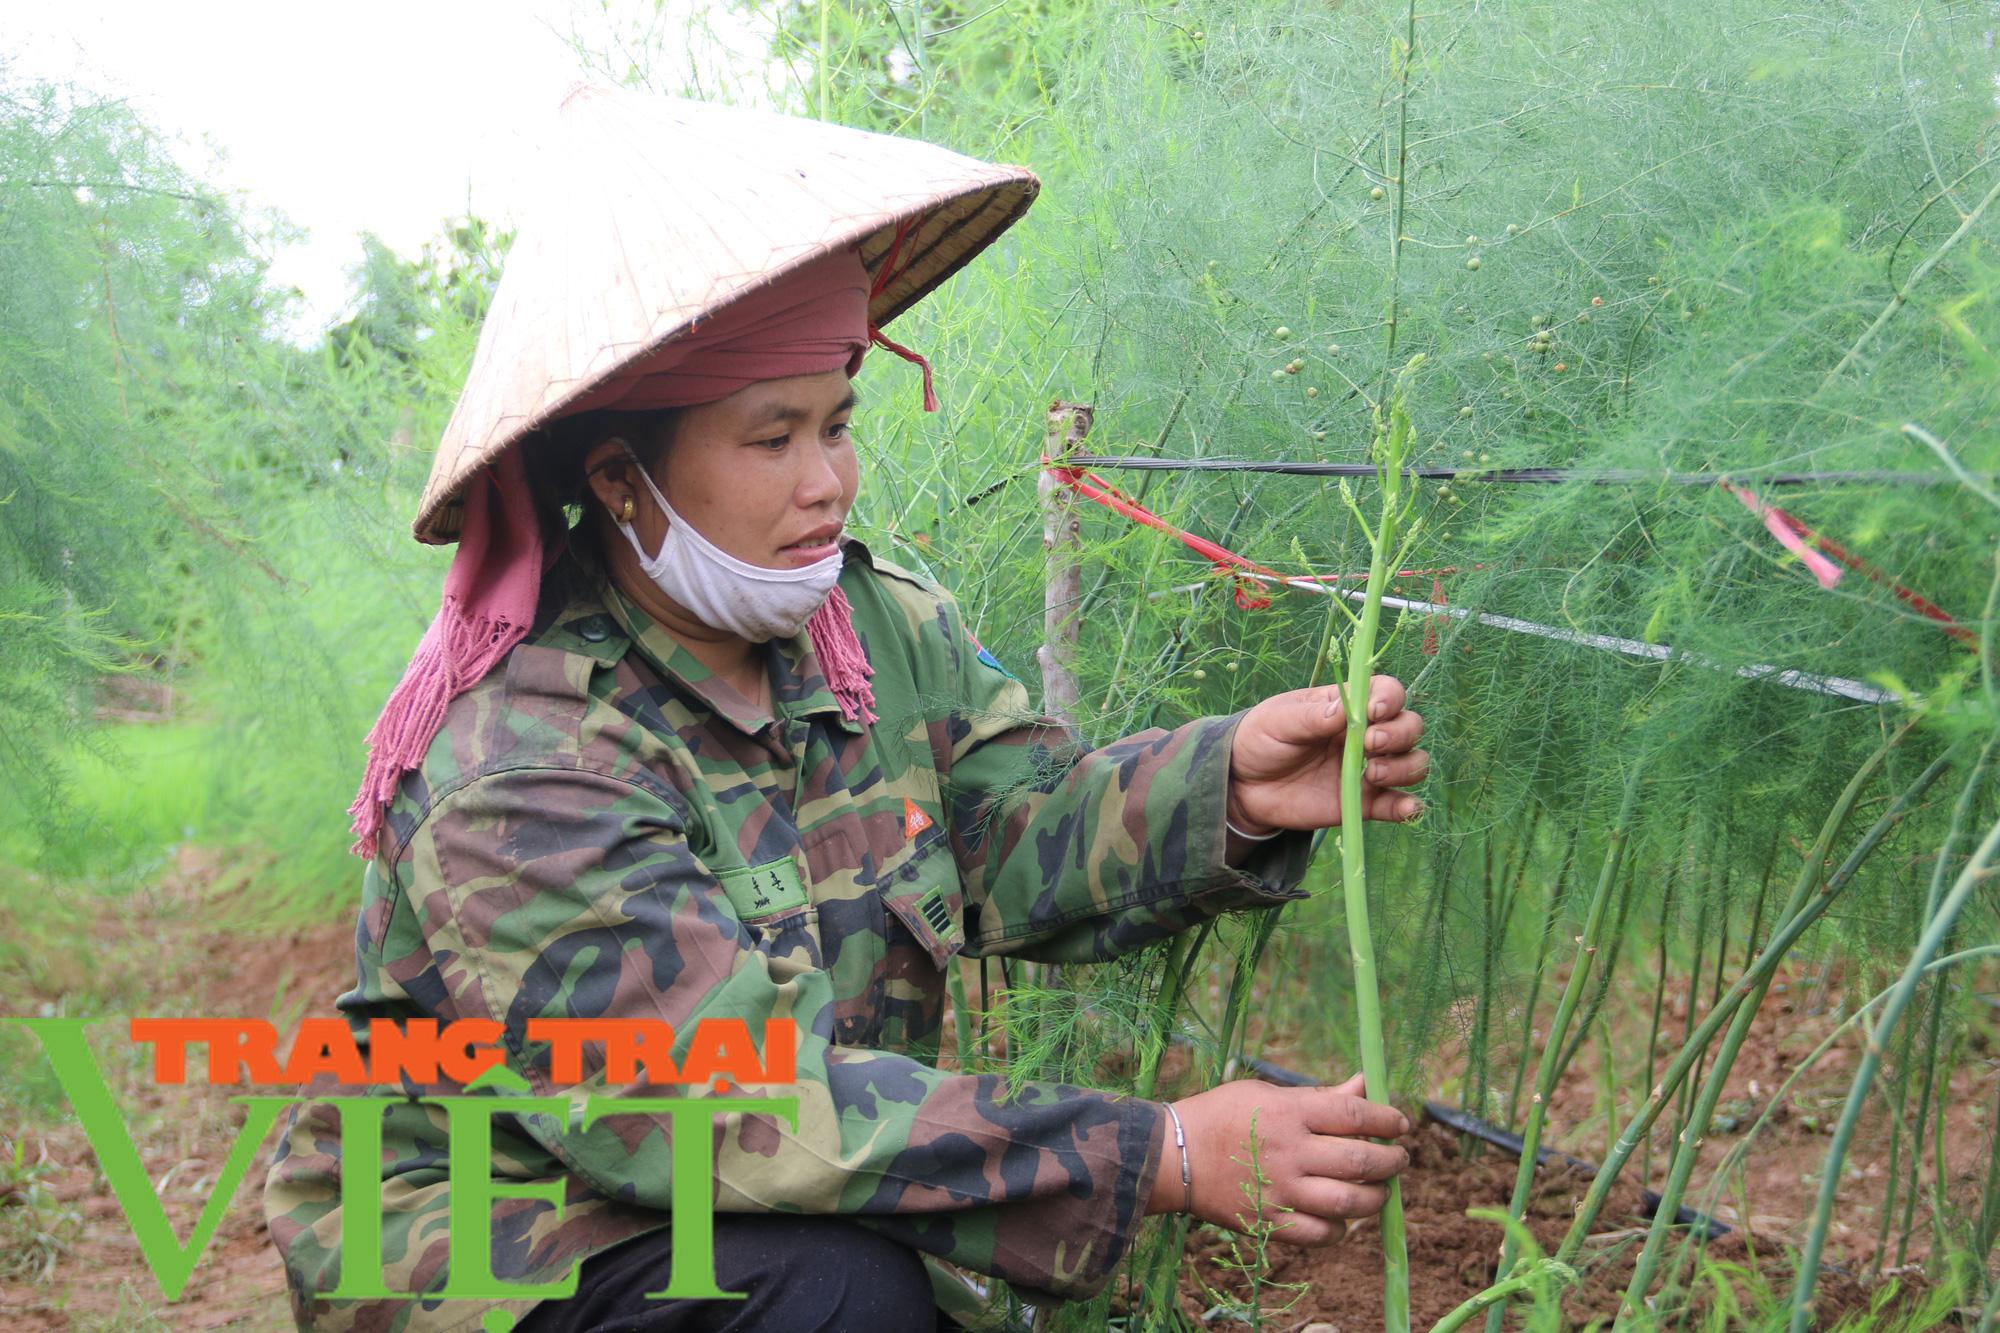 Hội Nông dân Yên Châu: Nhiều giải pháp giúp hội viên phát triển sản xuất - Ảnh 3.